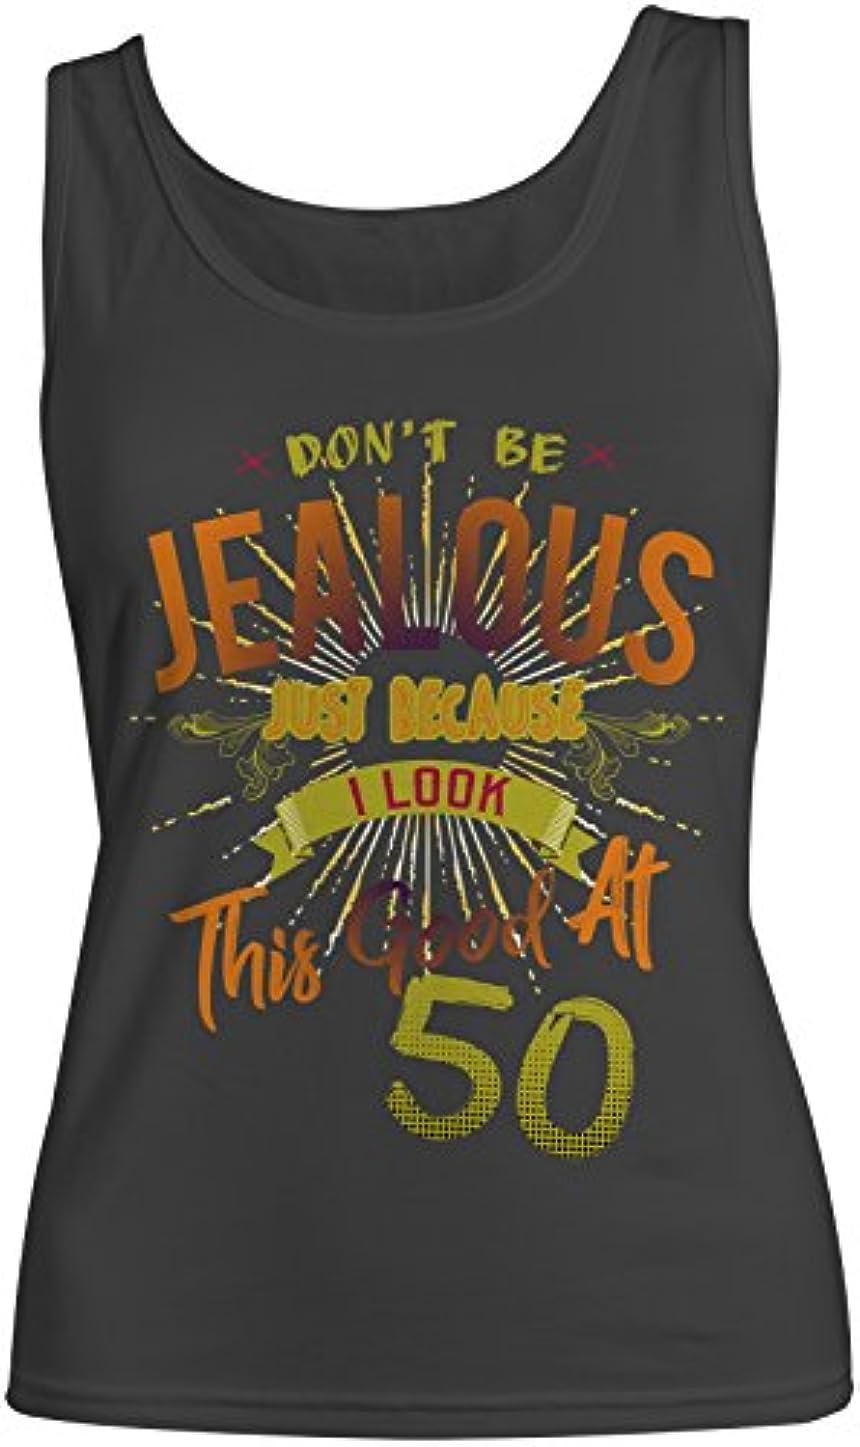 変装汚染する樫の木Don't Be Jealous I Look This Good At 50 お誕生日 Anniversary レディース Tank Top Sleeveless Shirt